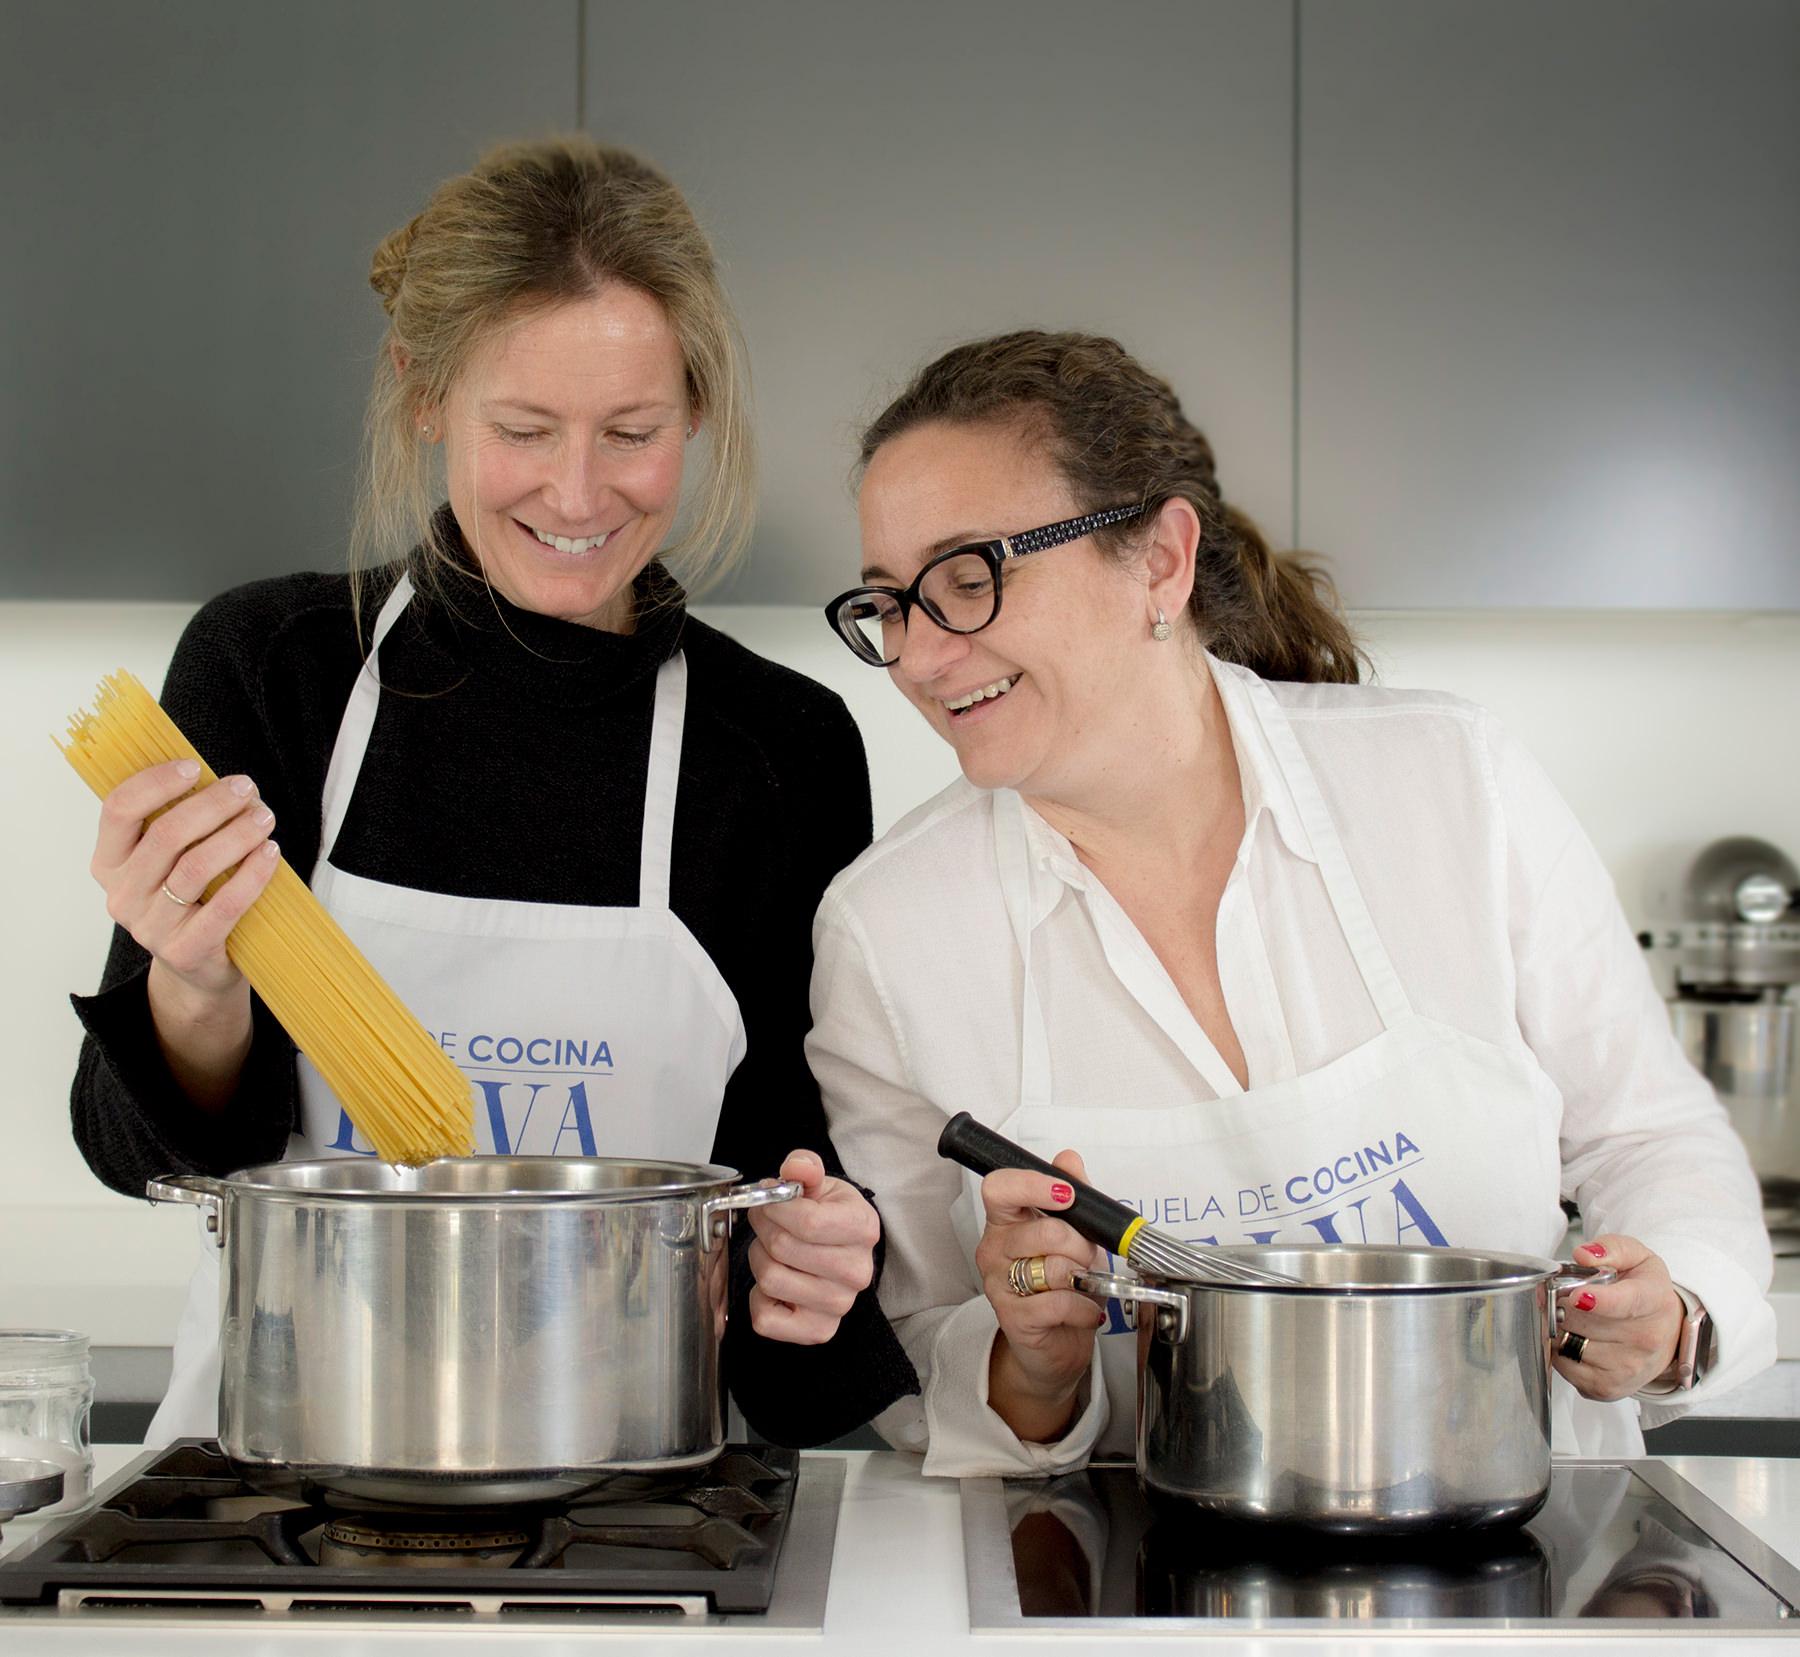 Clases de cocina a medida en Madrid para grupos - Escuela de cocina TELVA